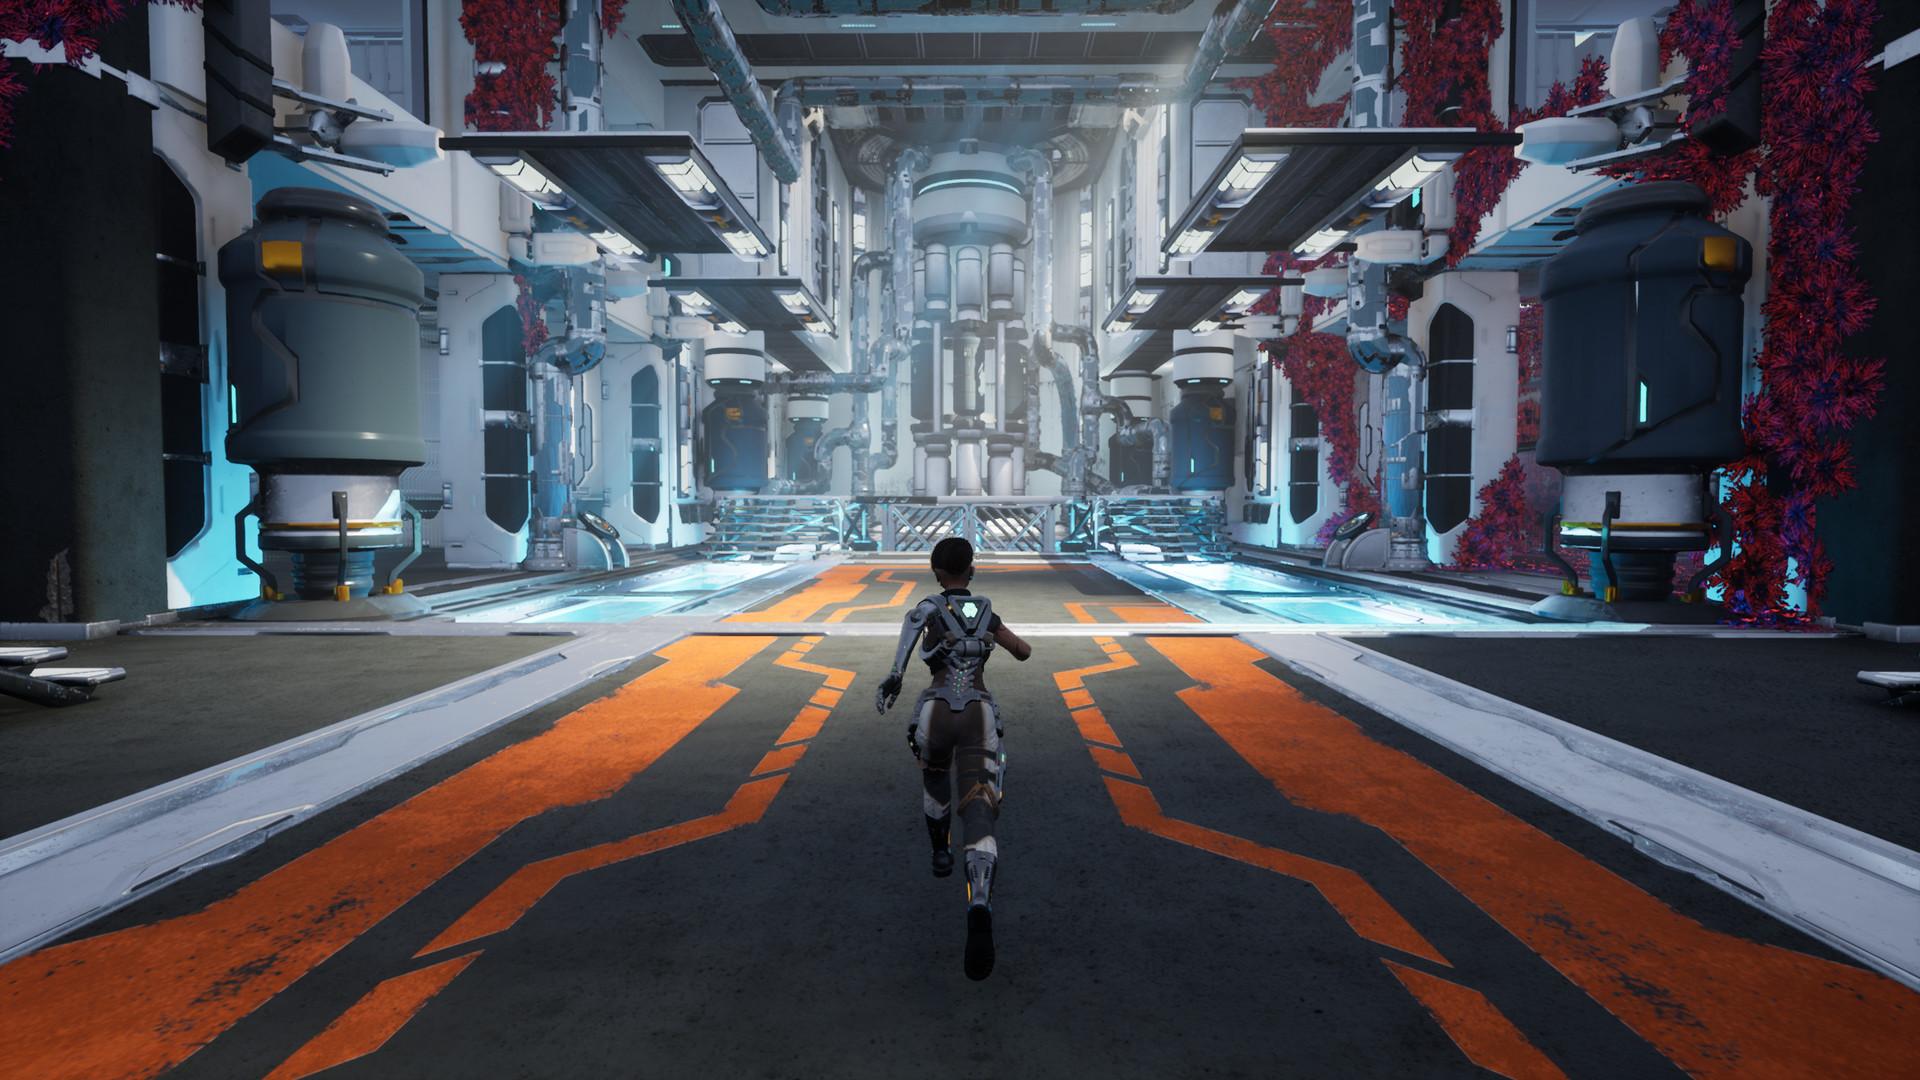 重力操控解密游戏《Sky Beneath》发布试玩Demo 游戏暂不支持中文